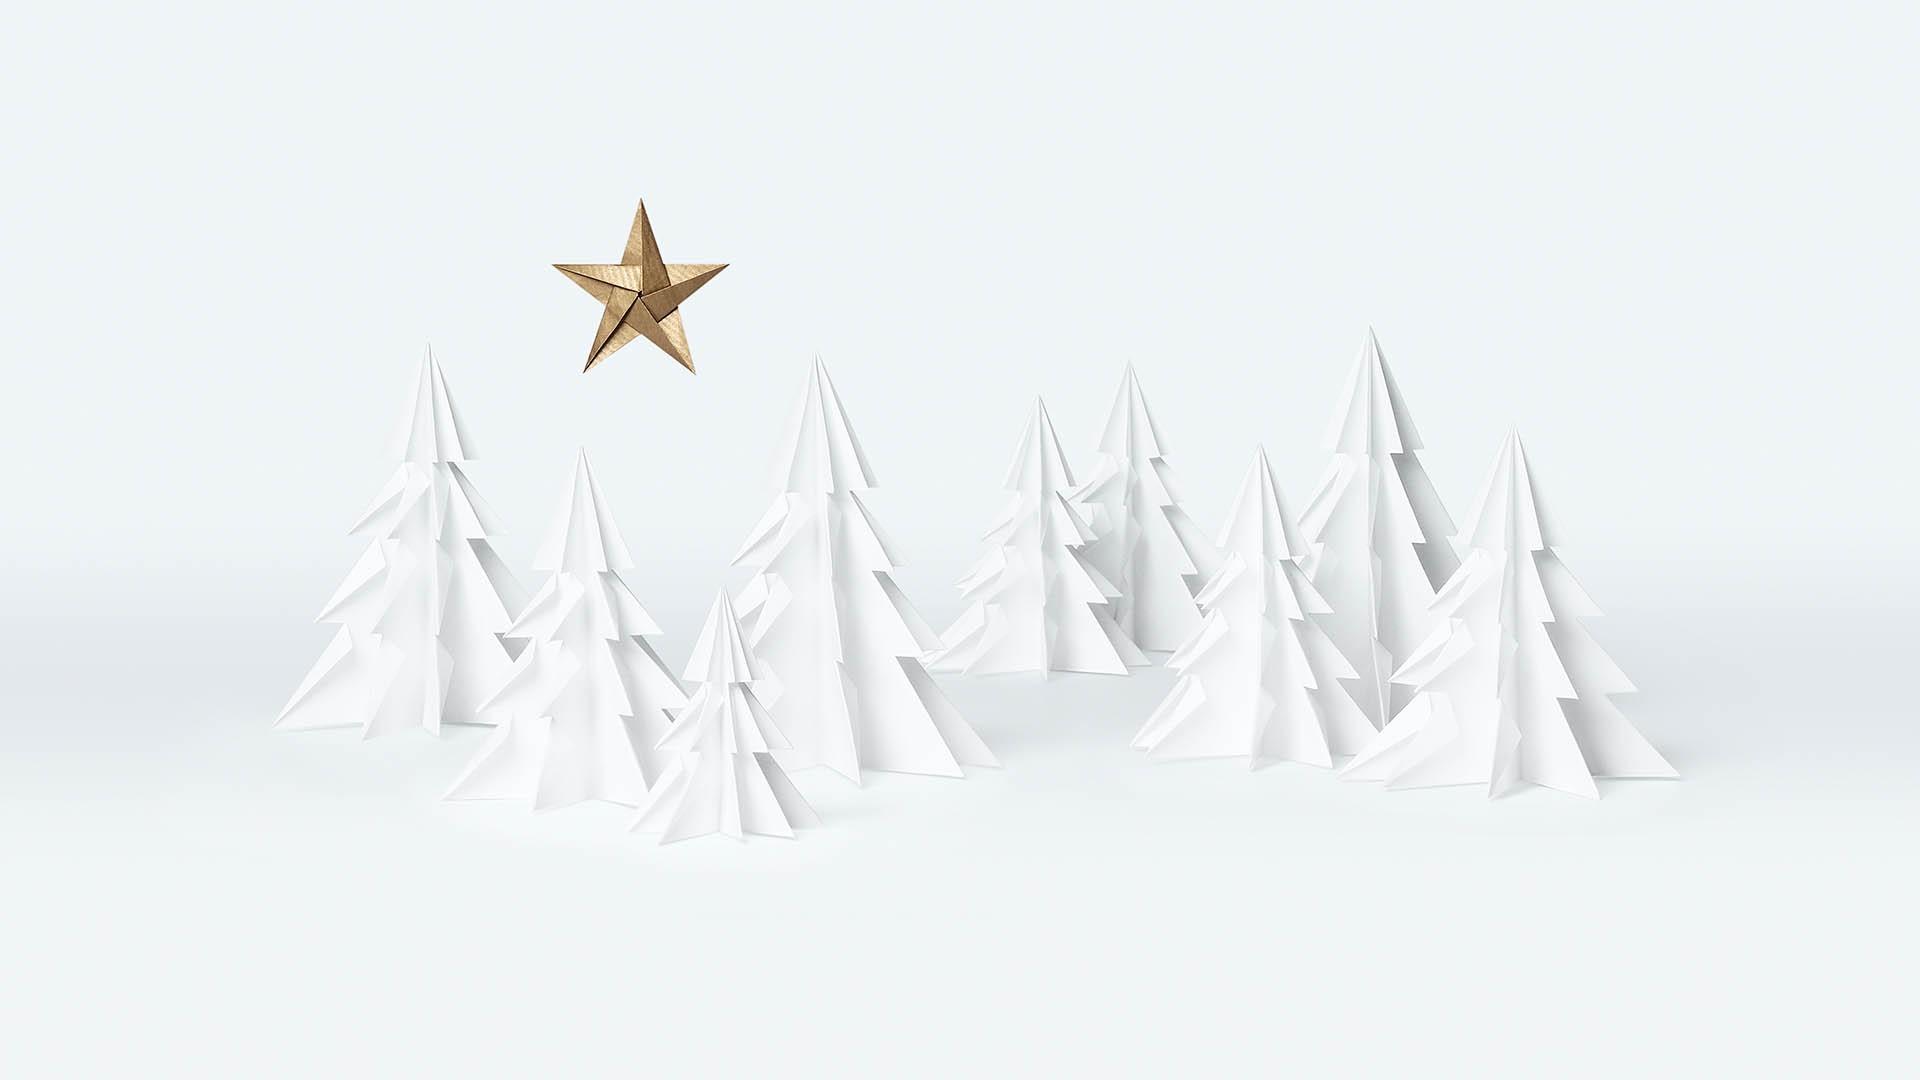 Friseur-Musterstadt-La-Biosthetique-Weihnachtszeit-erleben-1-new